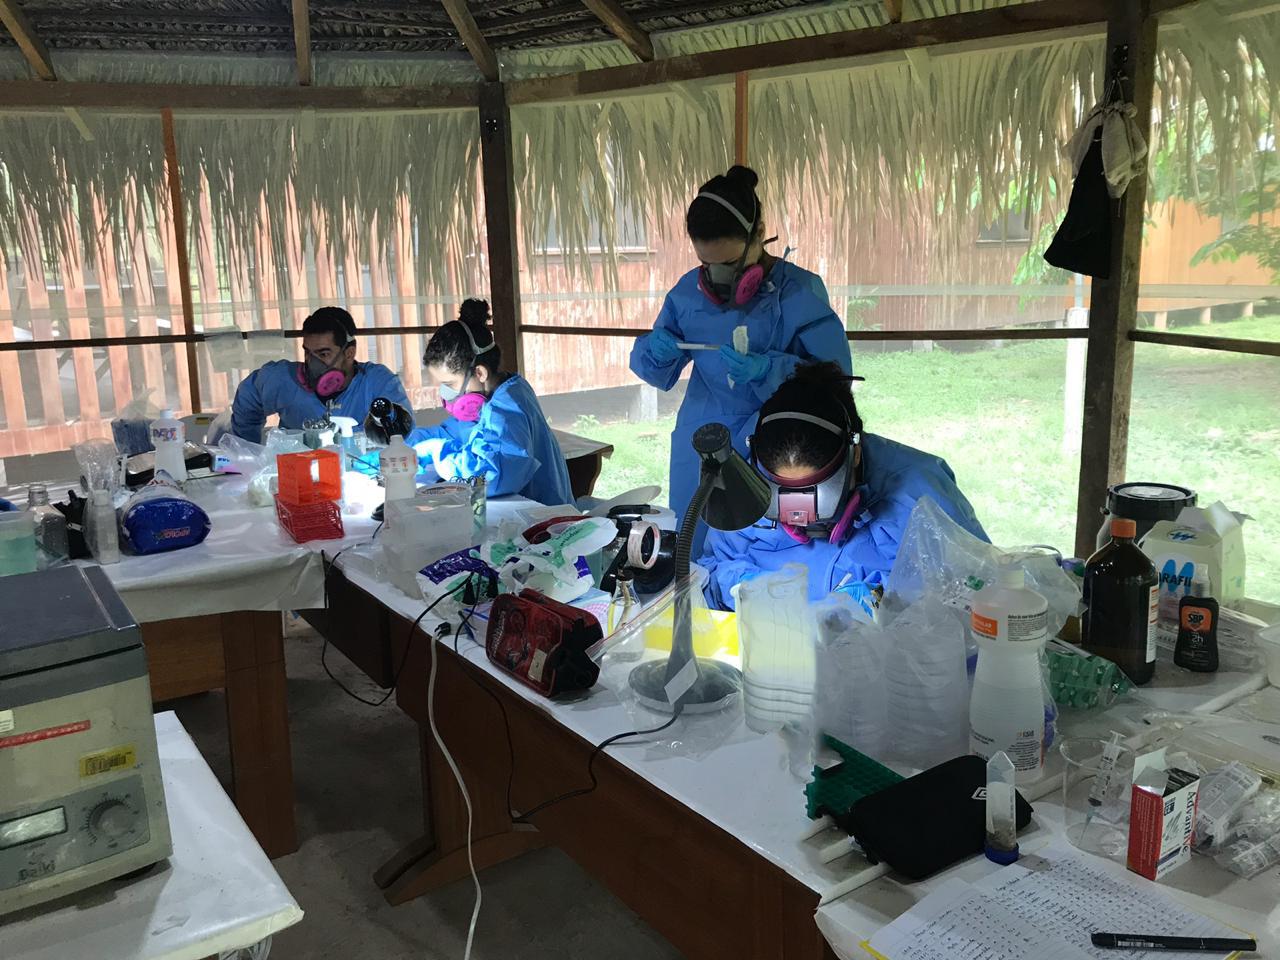 Chandless recebe pesquisadores da Fiocruz para estudar doenças em pequenos mamíferos